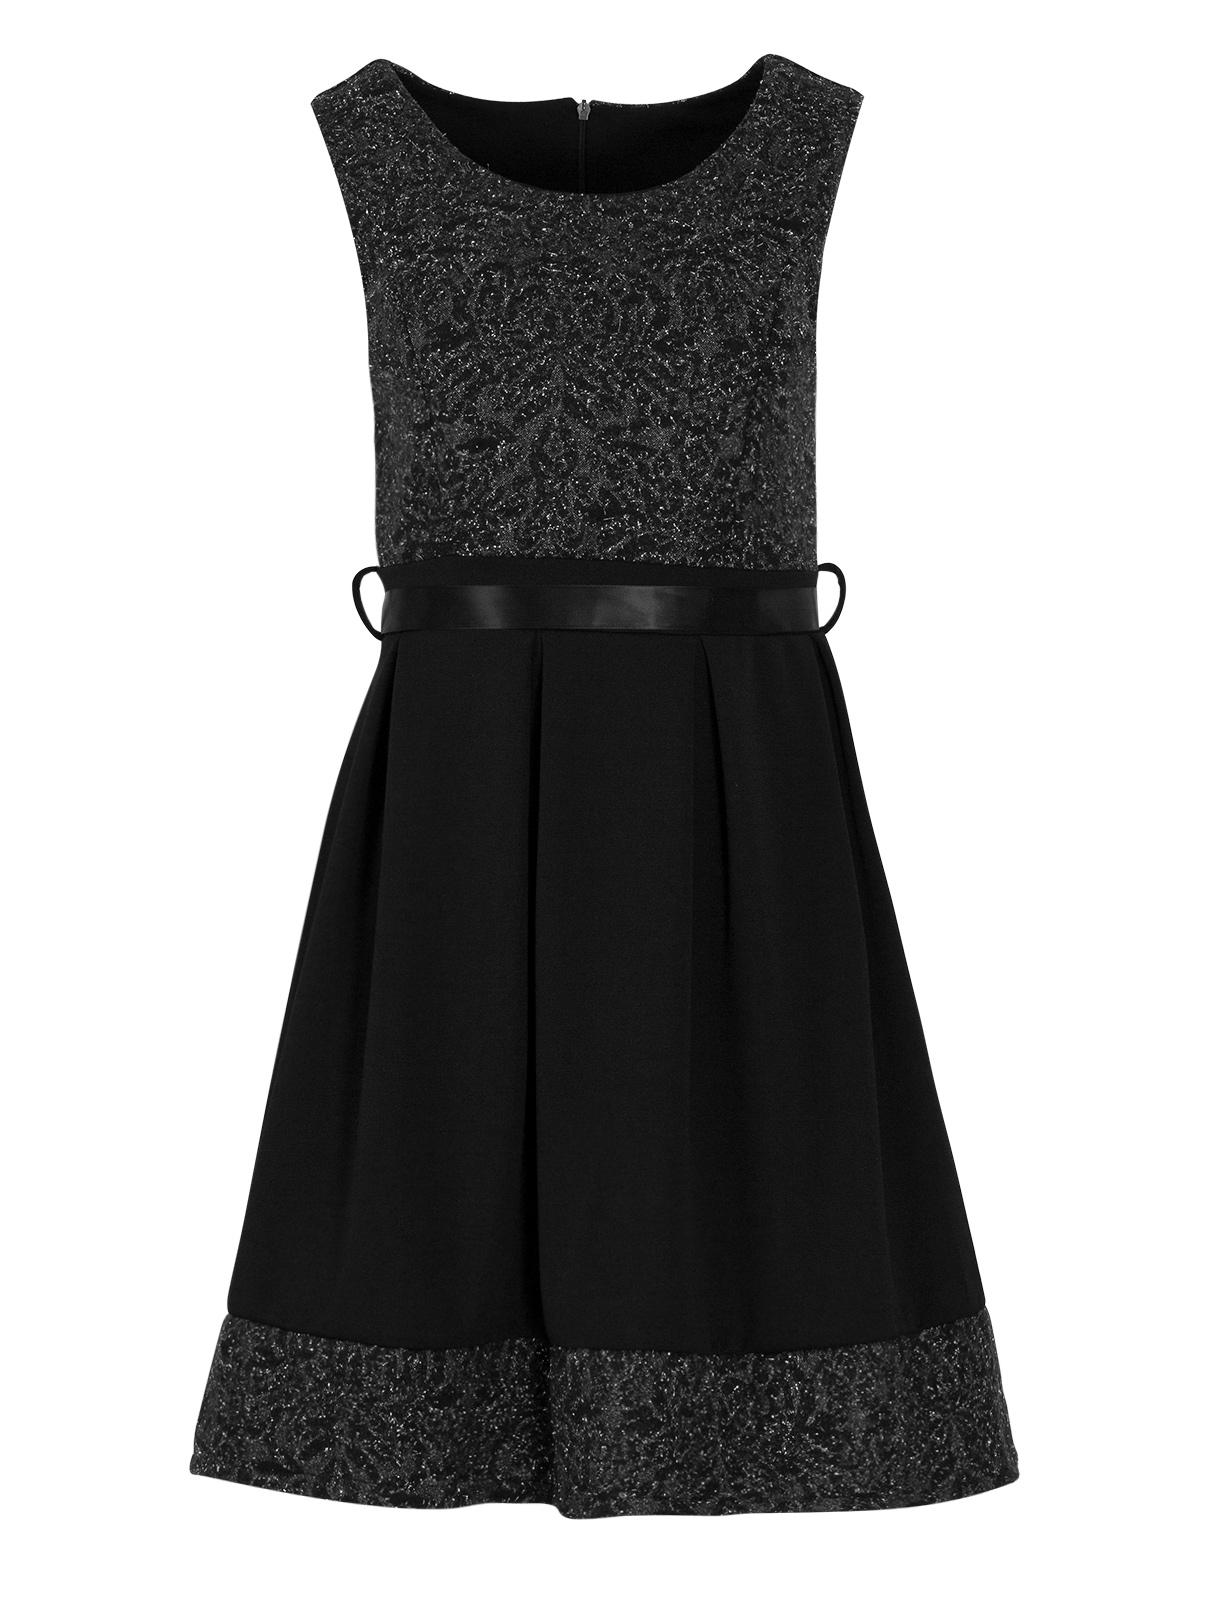 Φόρεμα με Πιέτες γυναικεία   φορέματα   mίνι   μίντι